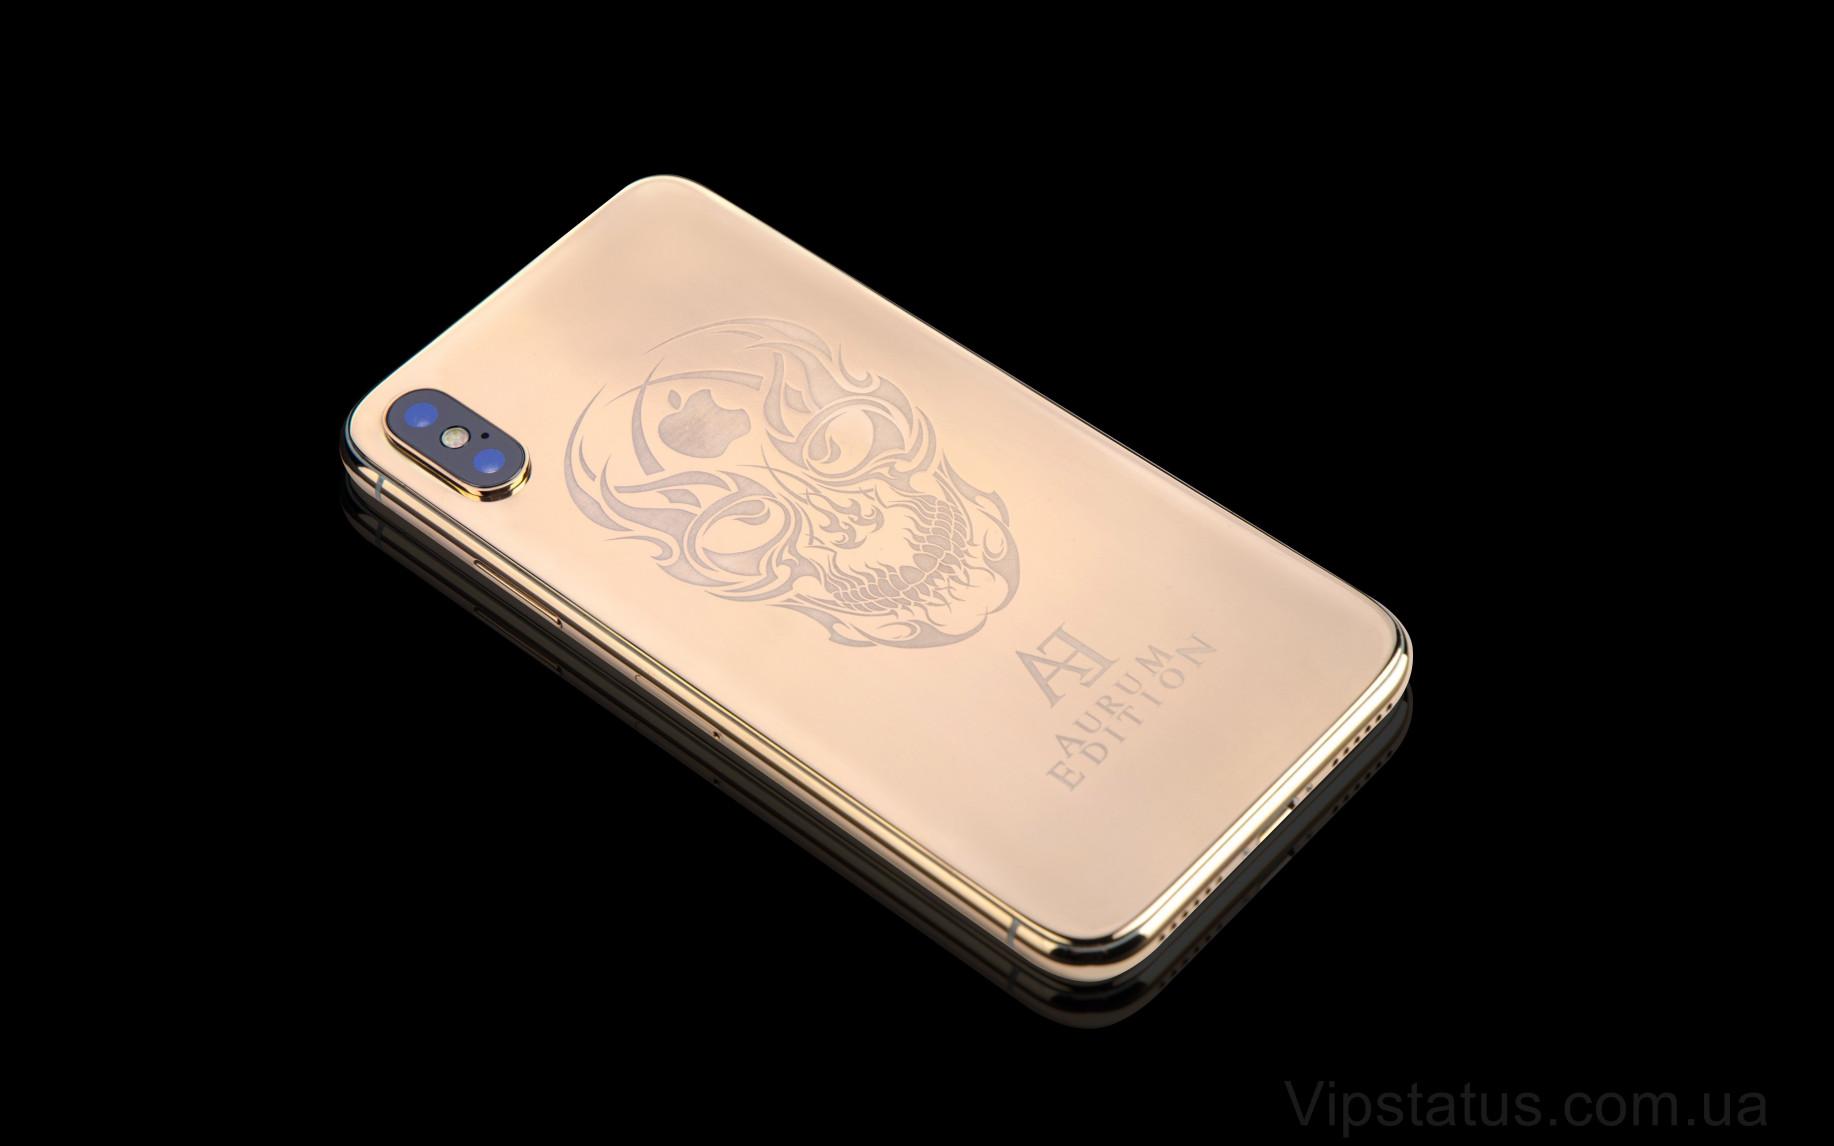 Elite Dead Cardinal IPHONE 11 PRO 512 GB Dead Cardinal IPHONE 11 PRO 512 GB image 4